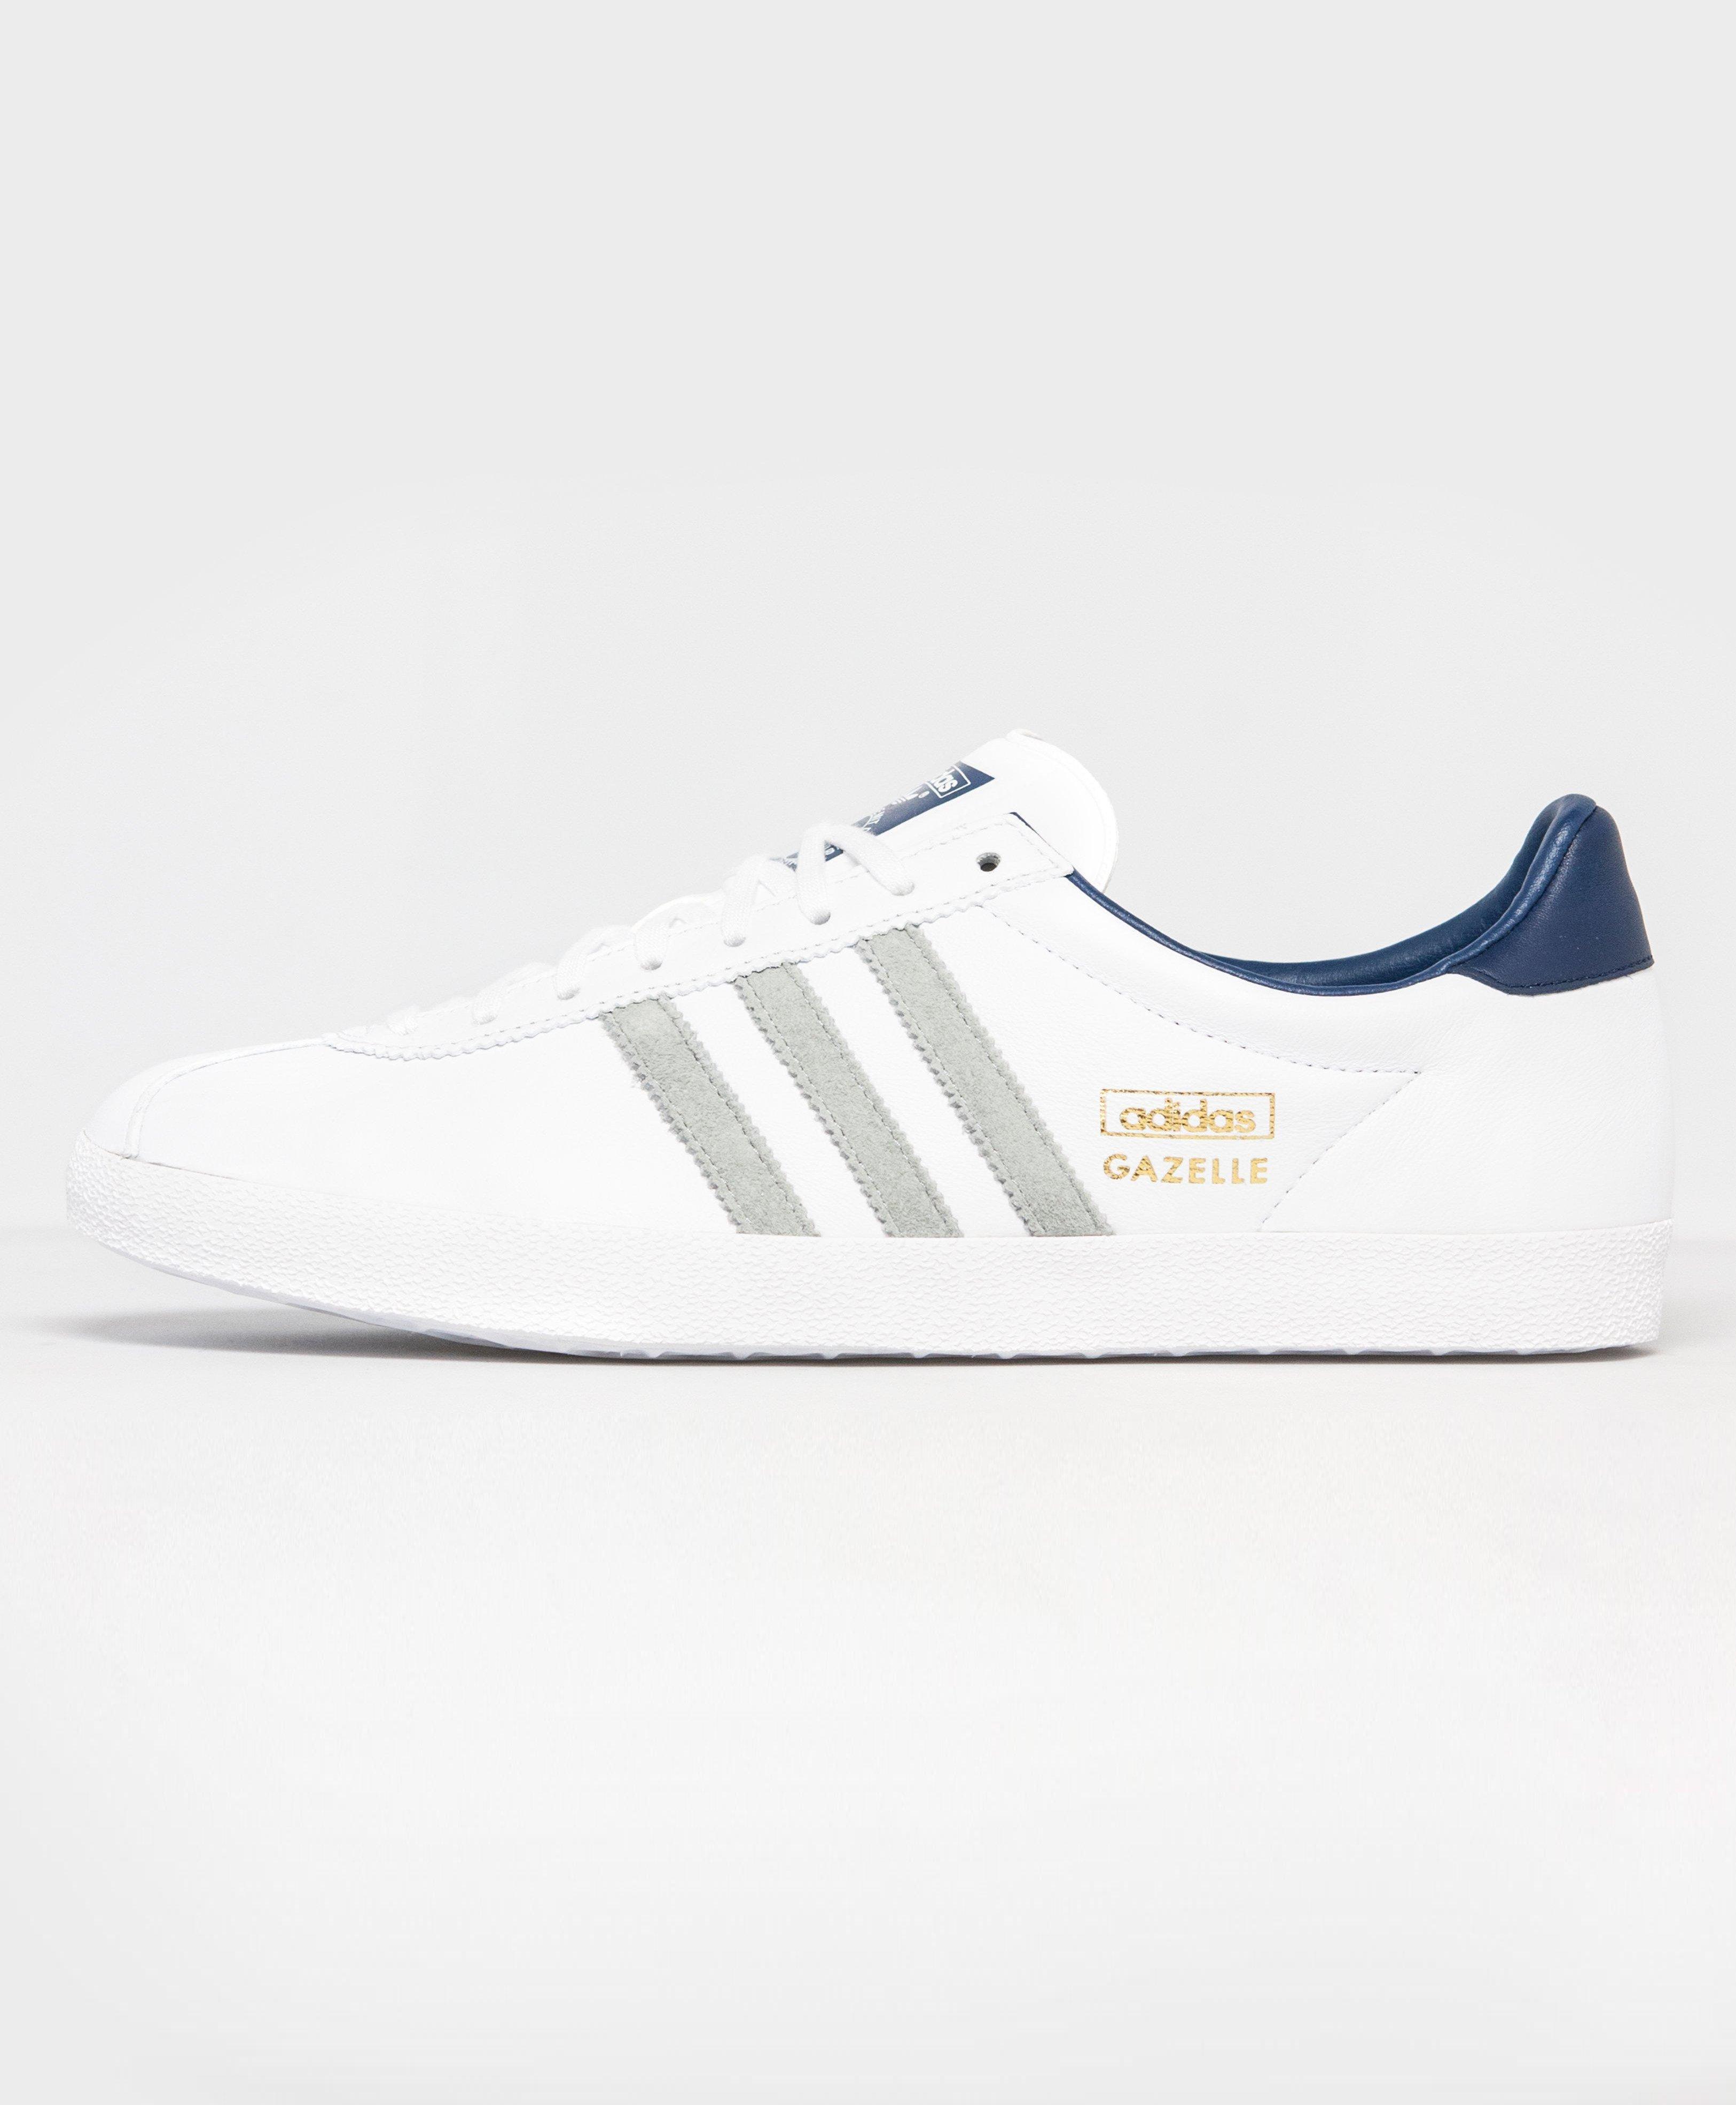 Adidas Gazelle Leather White